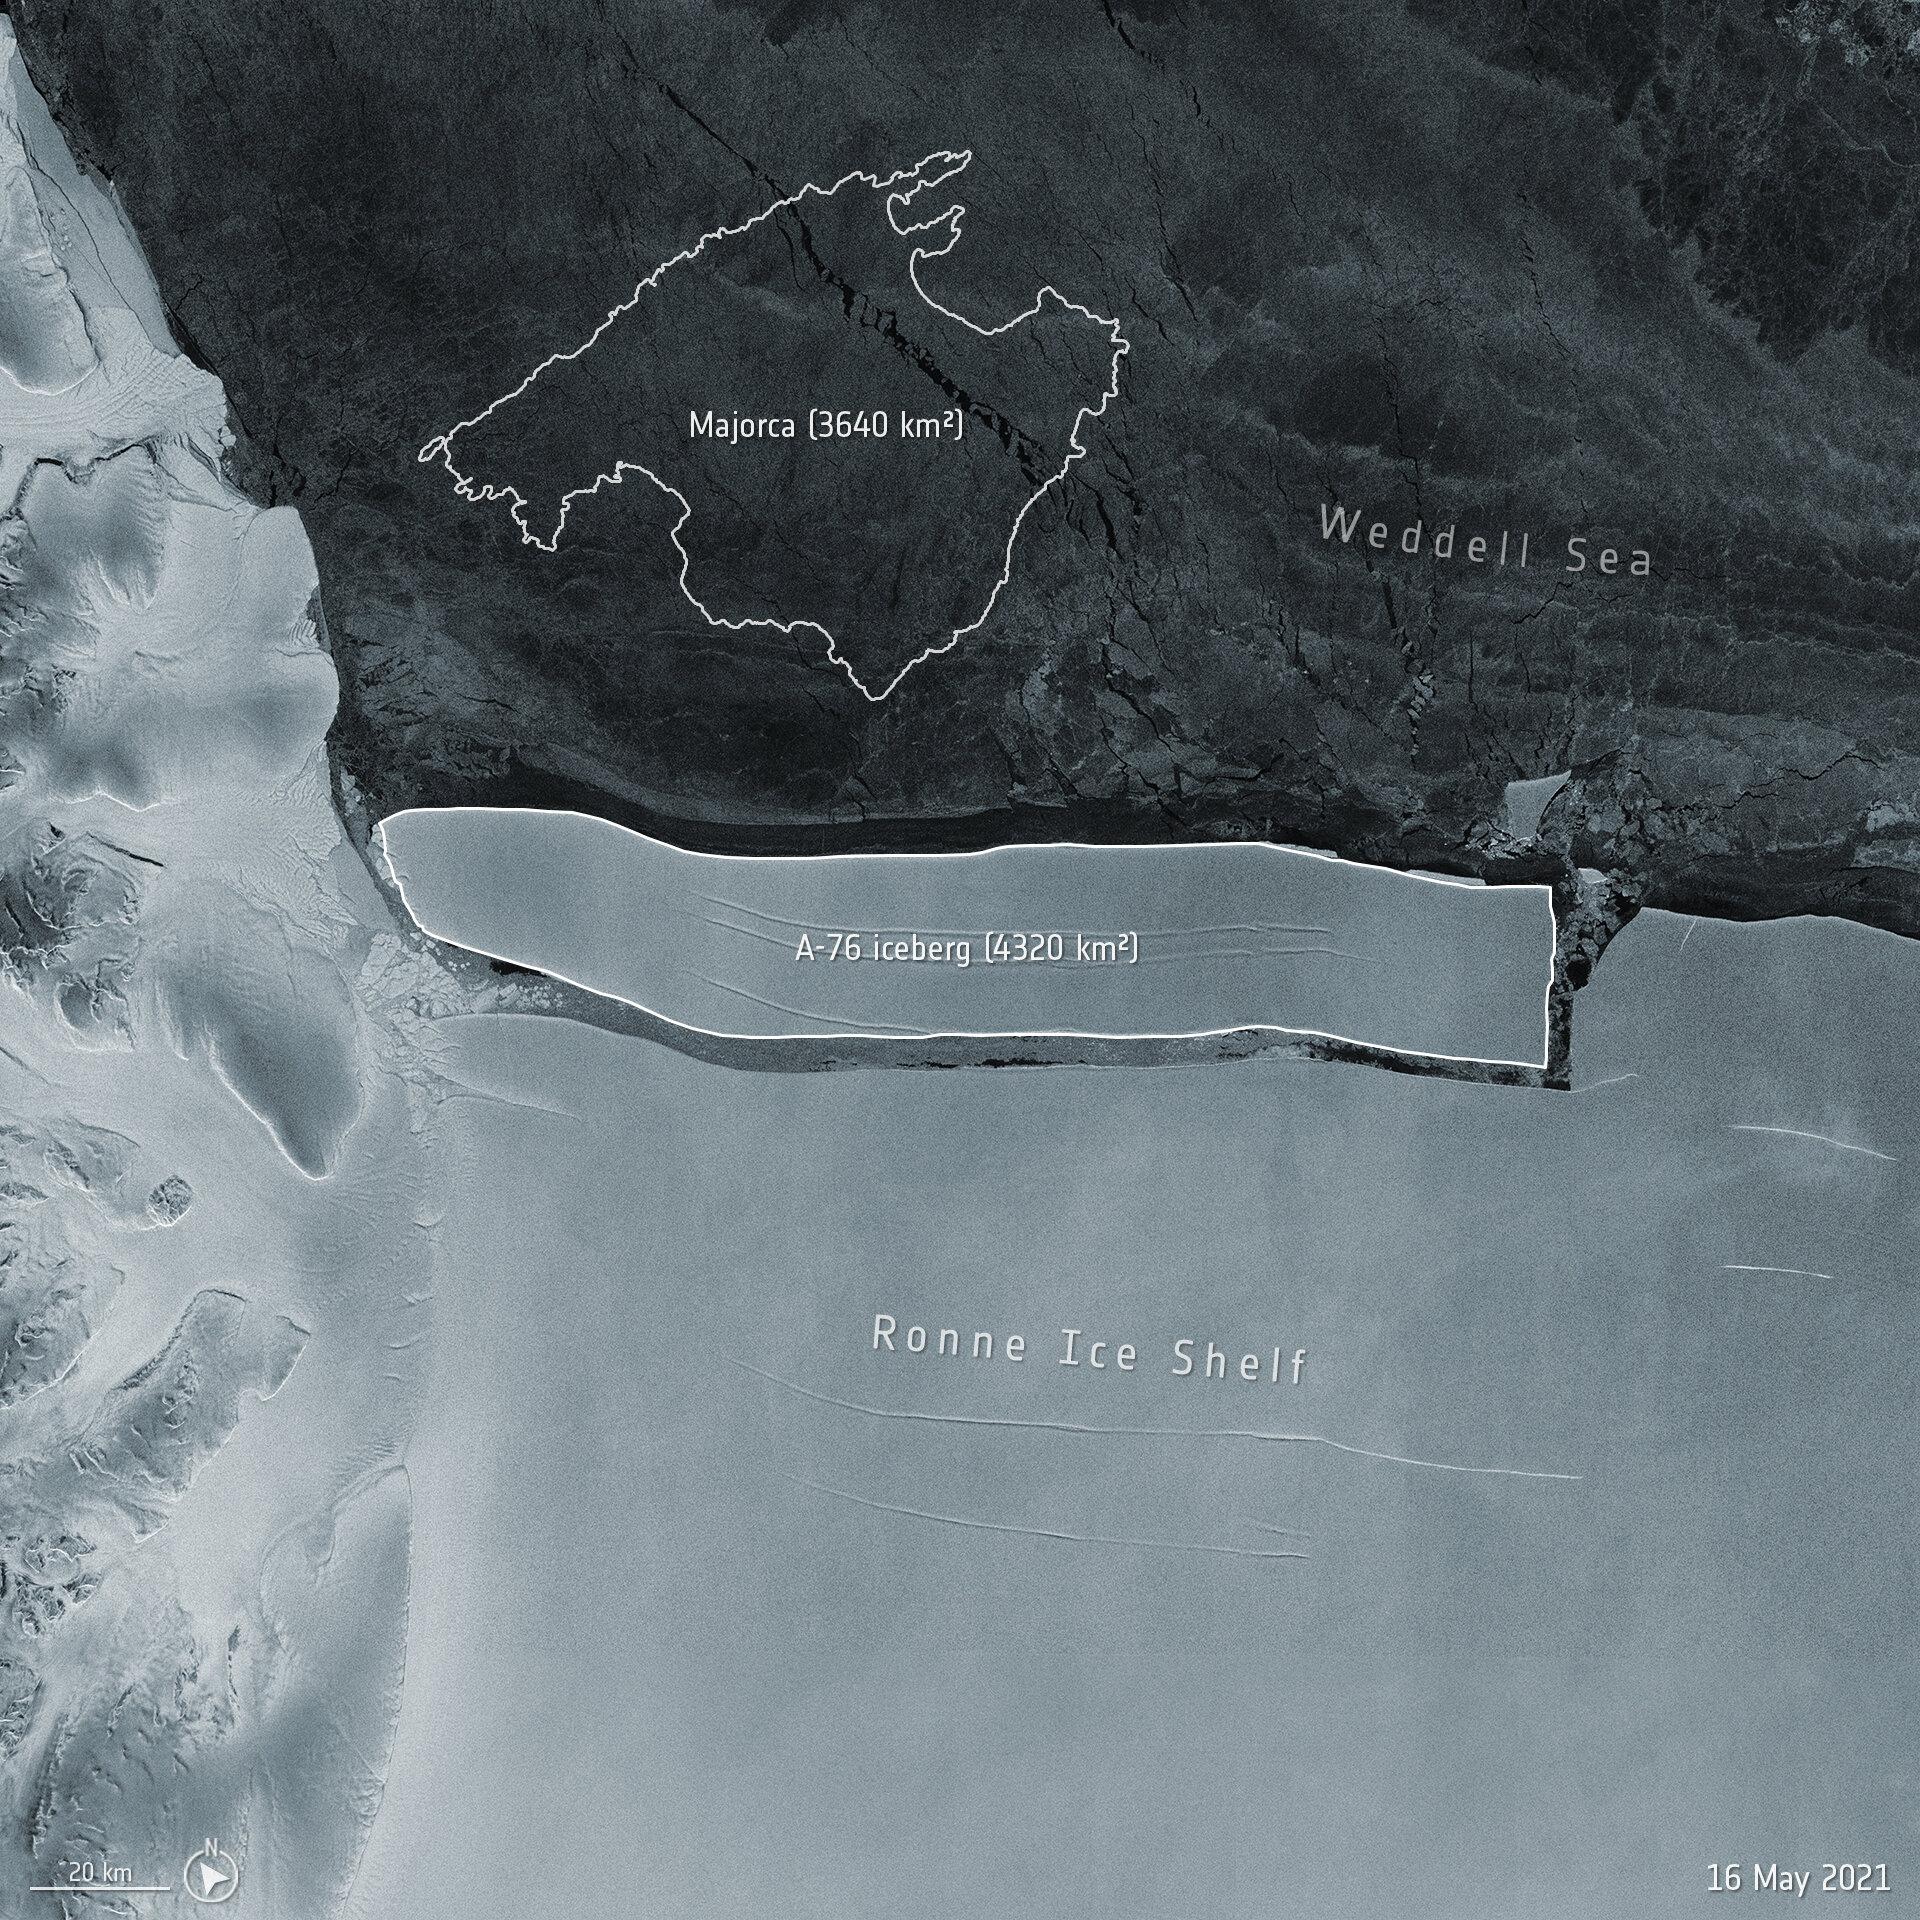 В мире появился новый самый большой айсберг – он по площади как пять Киевов: фото